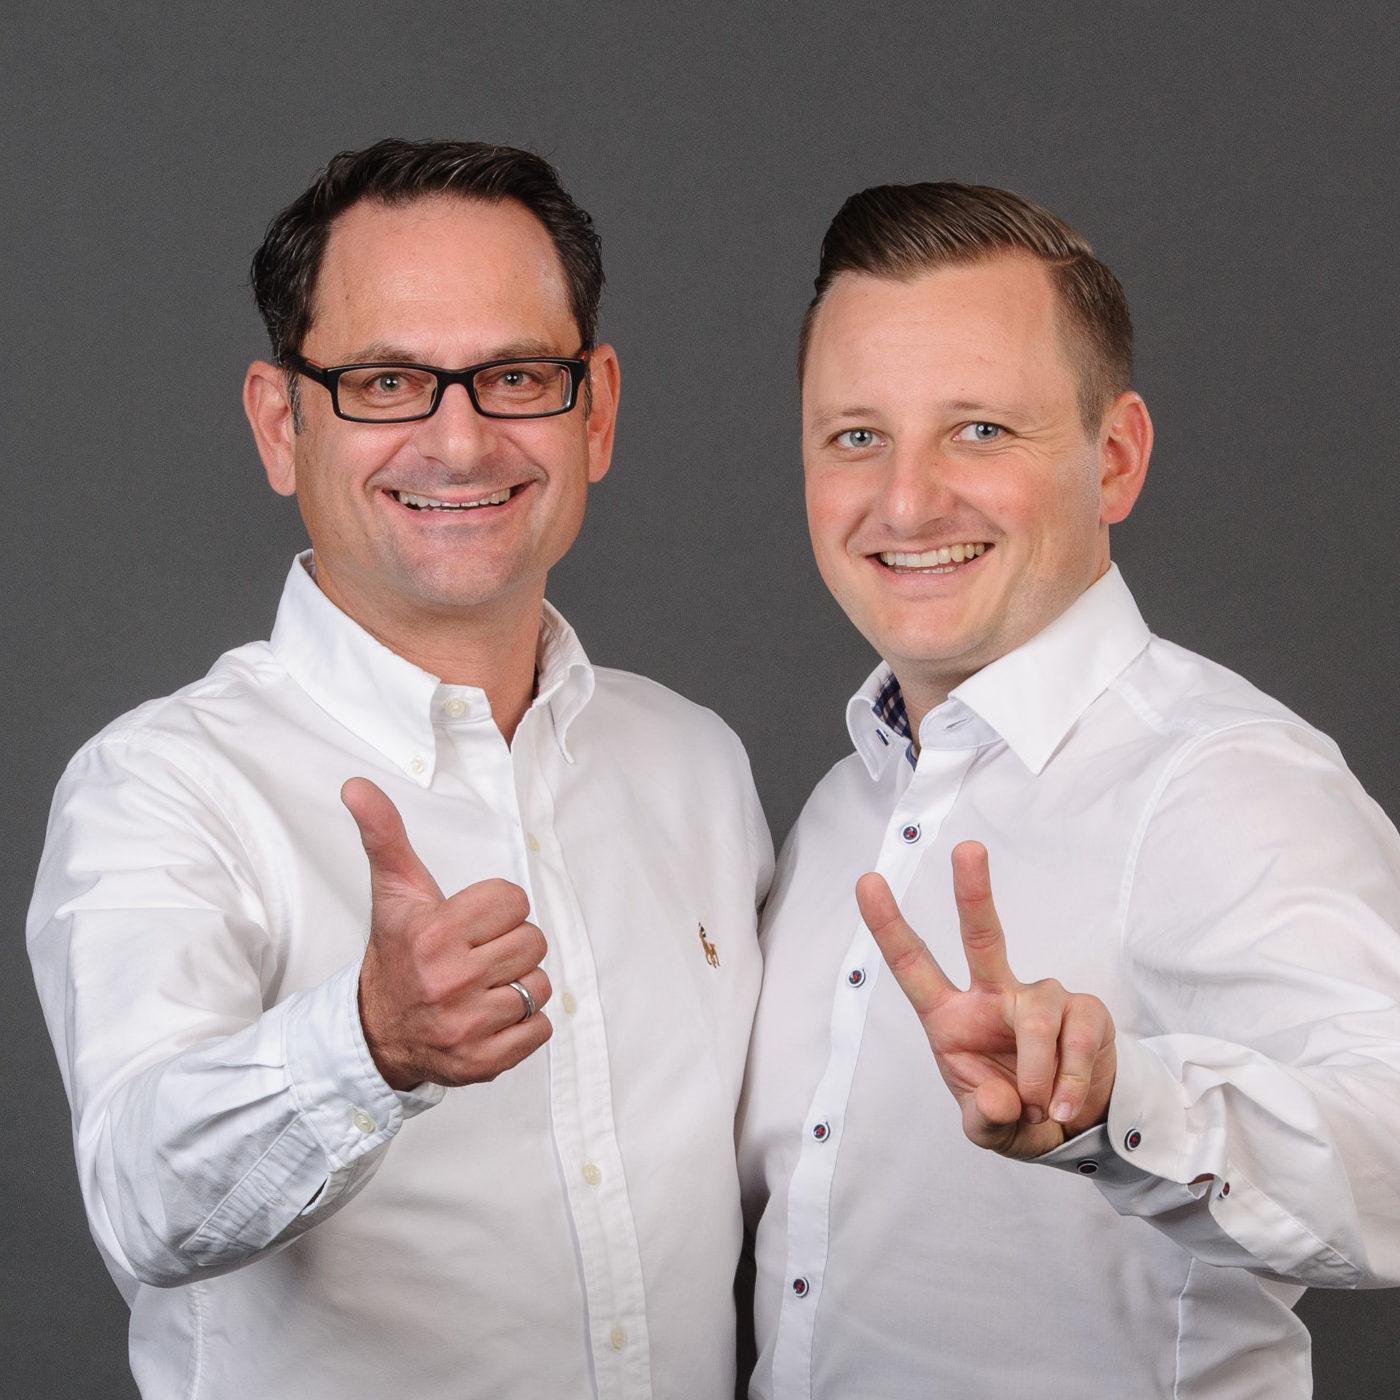 Unsere Kieferorthopäden von Dr. Grammatidis & Partner(R) aus Kirchheim.